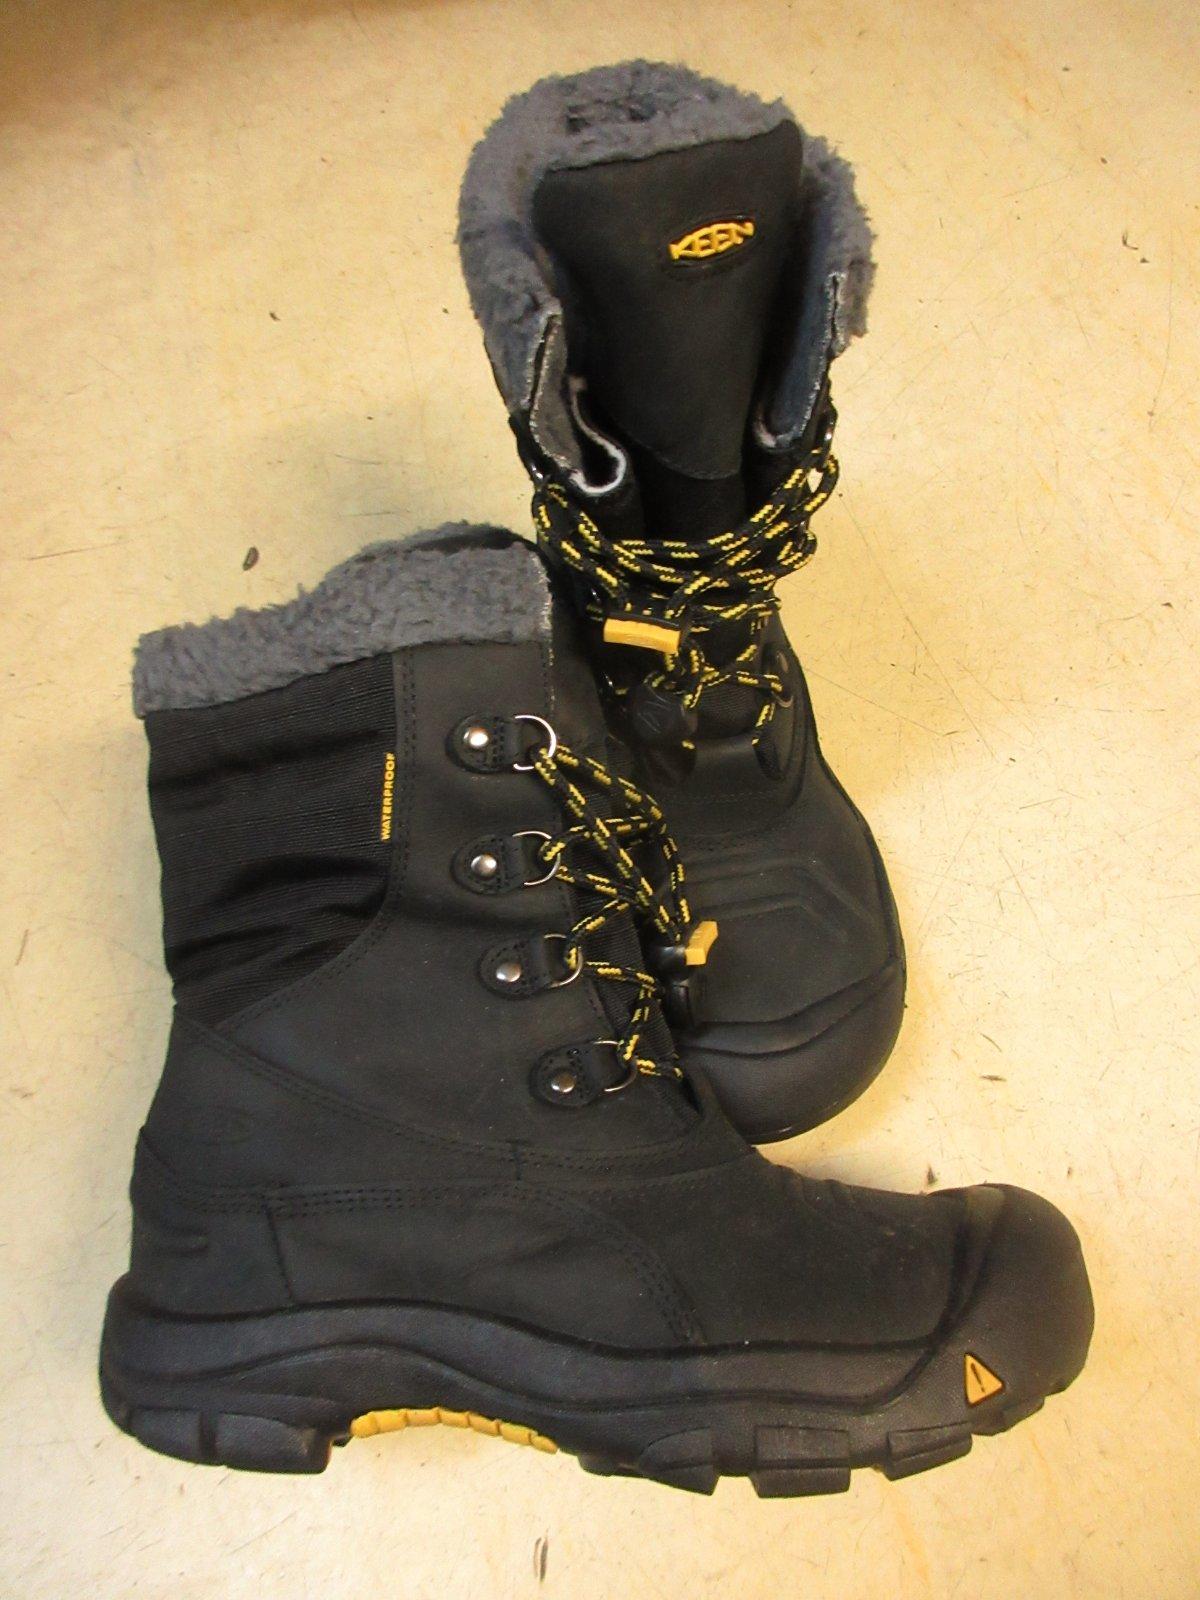 Zobraz celé podmínky. 169 30 zimní boty 7b2b657cf9